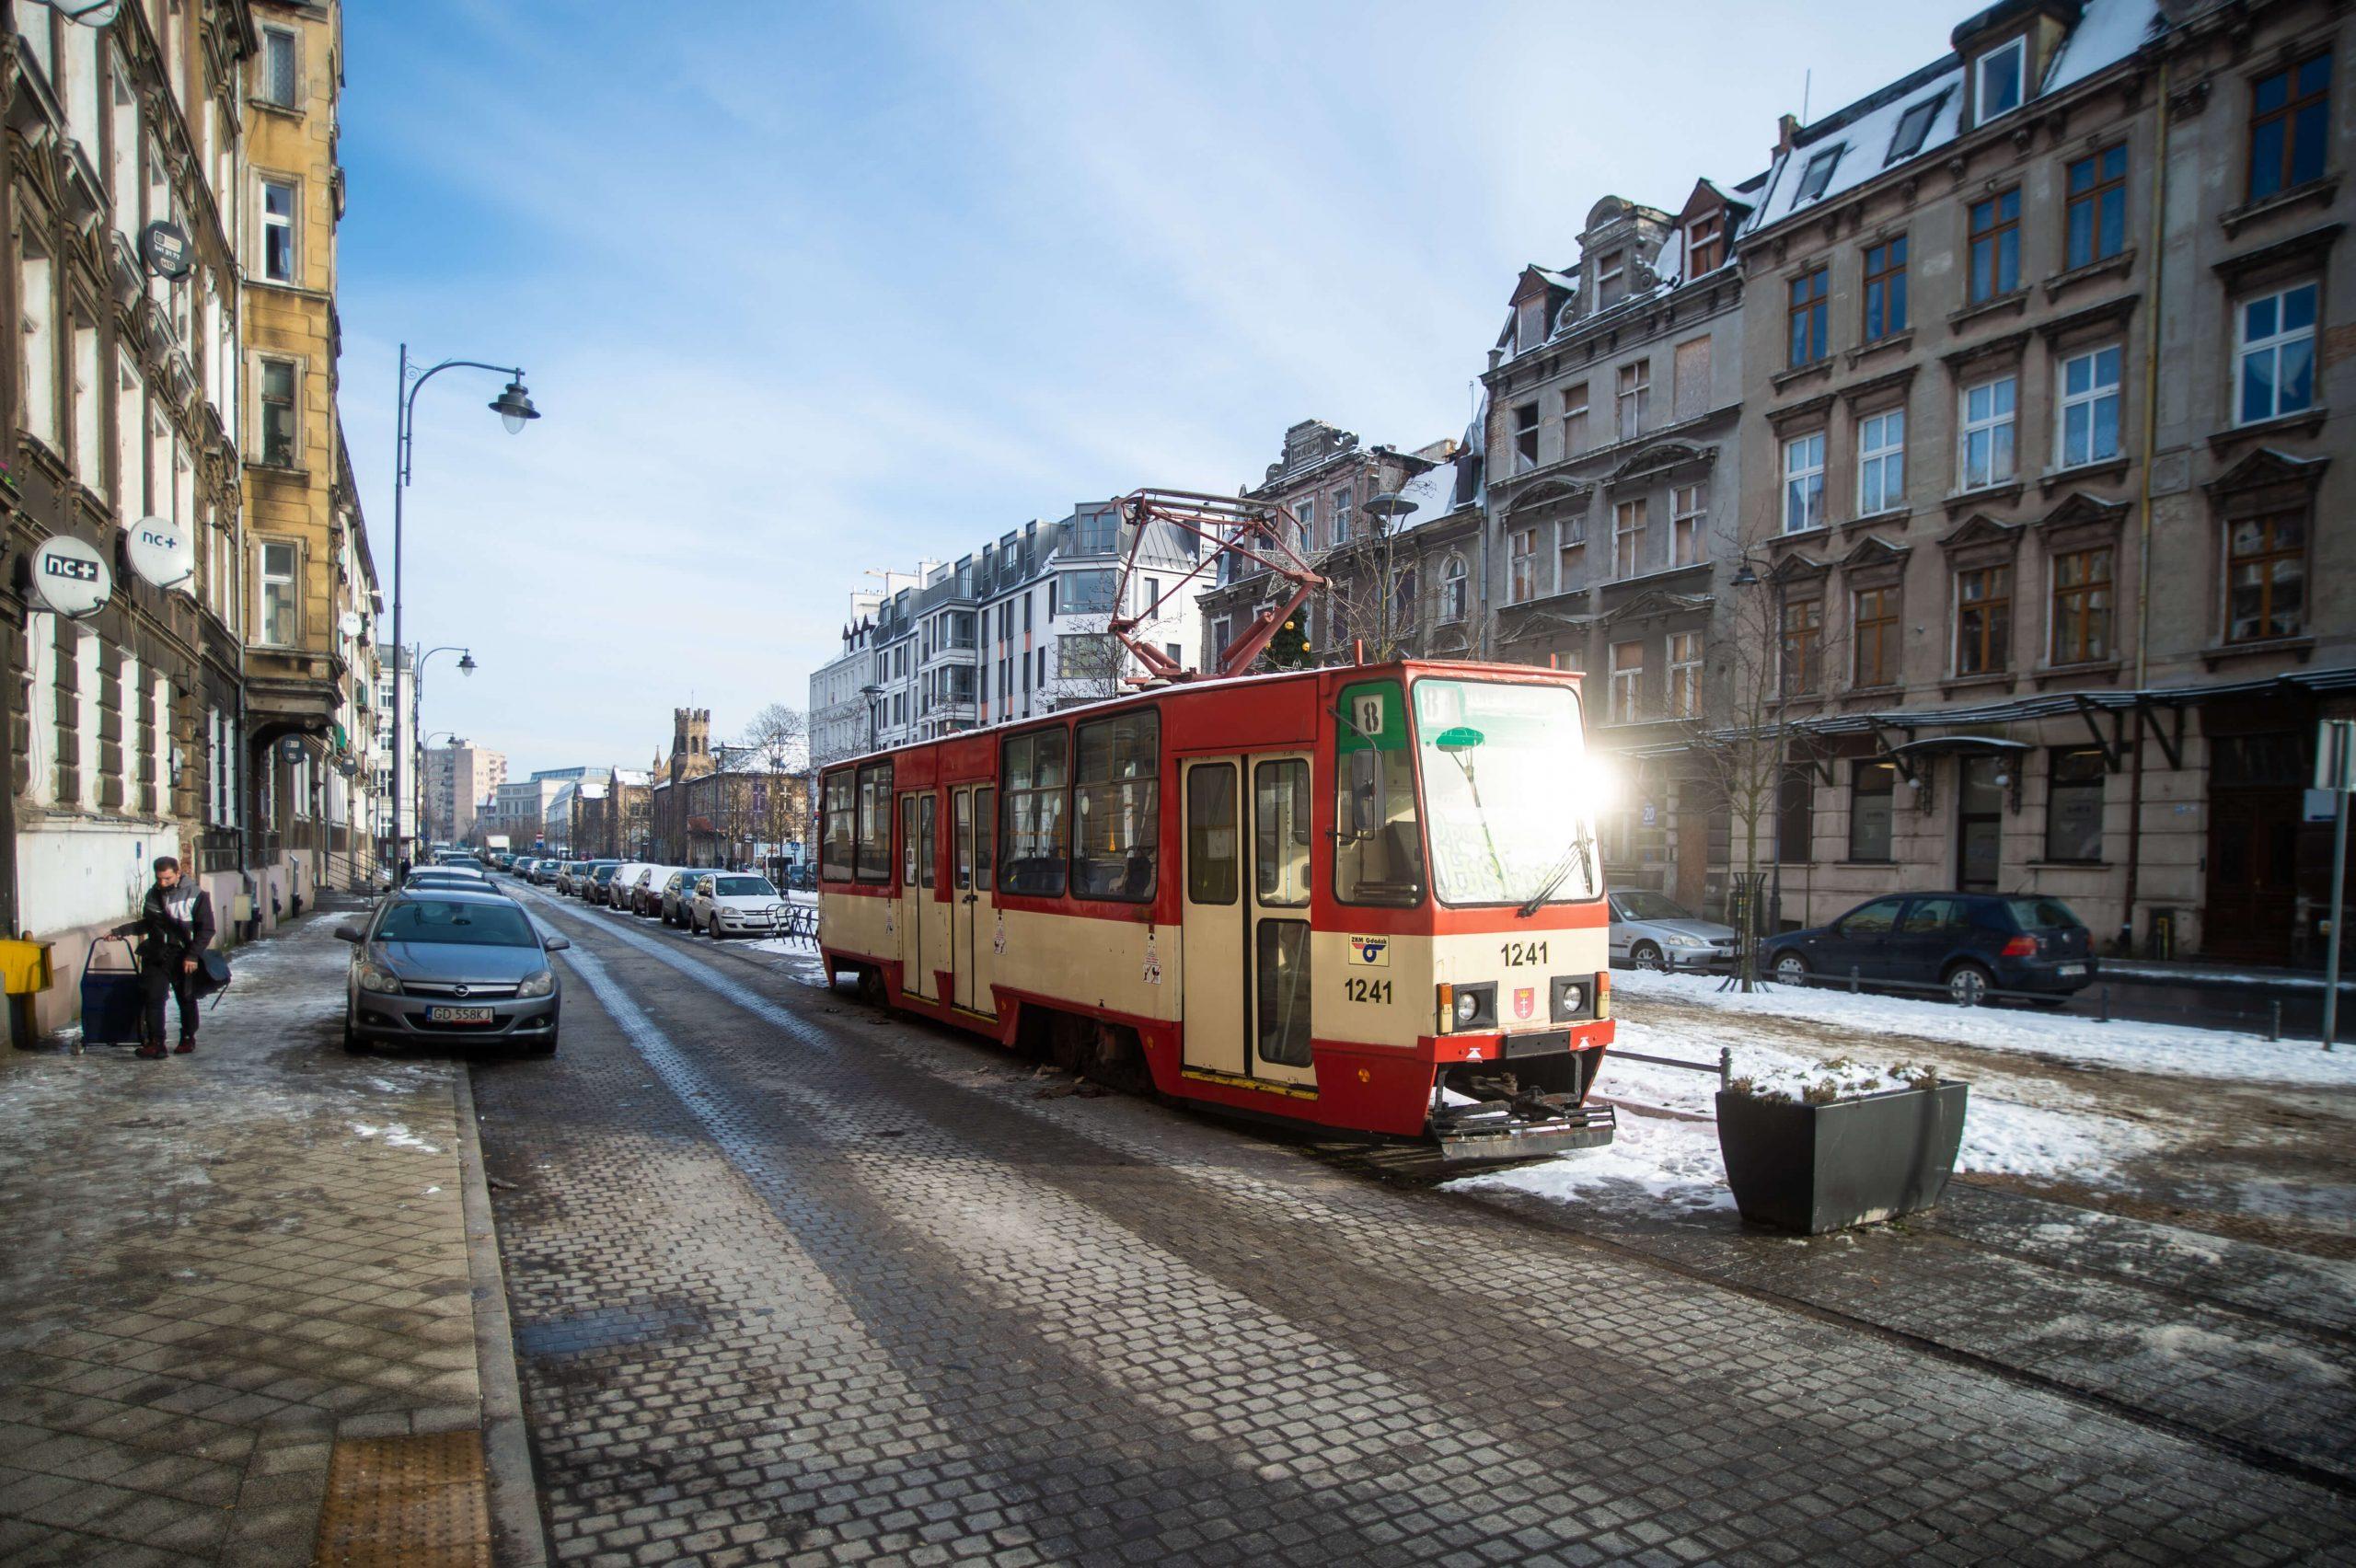 Gdansk zima 11 scaled - Gdańsk zimą jest piękny! Zimowy spacer po Dolnym Mieście